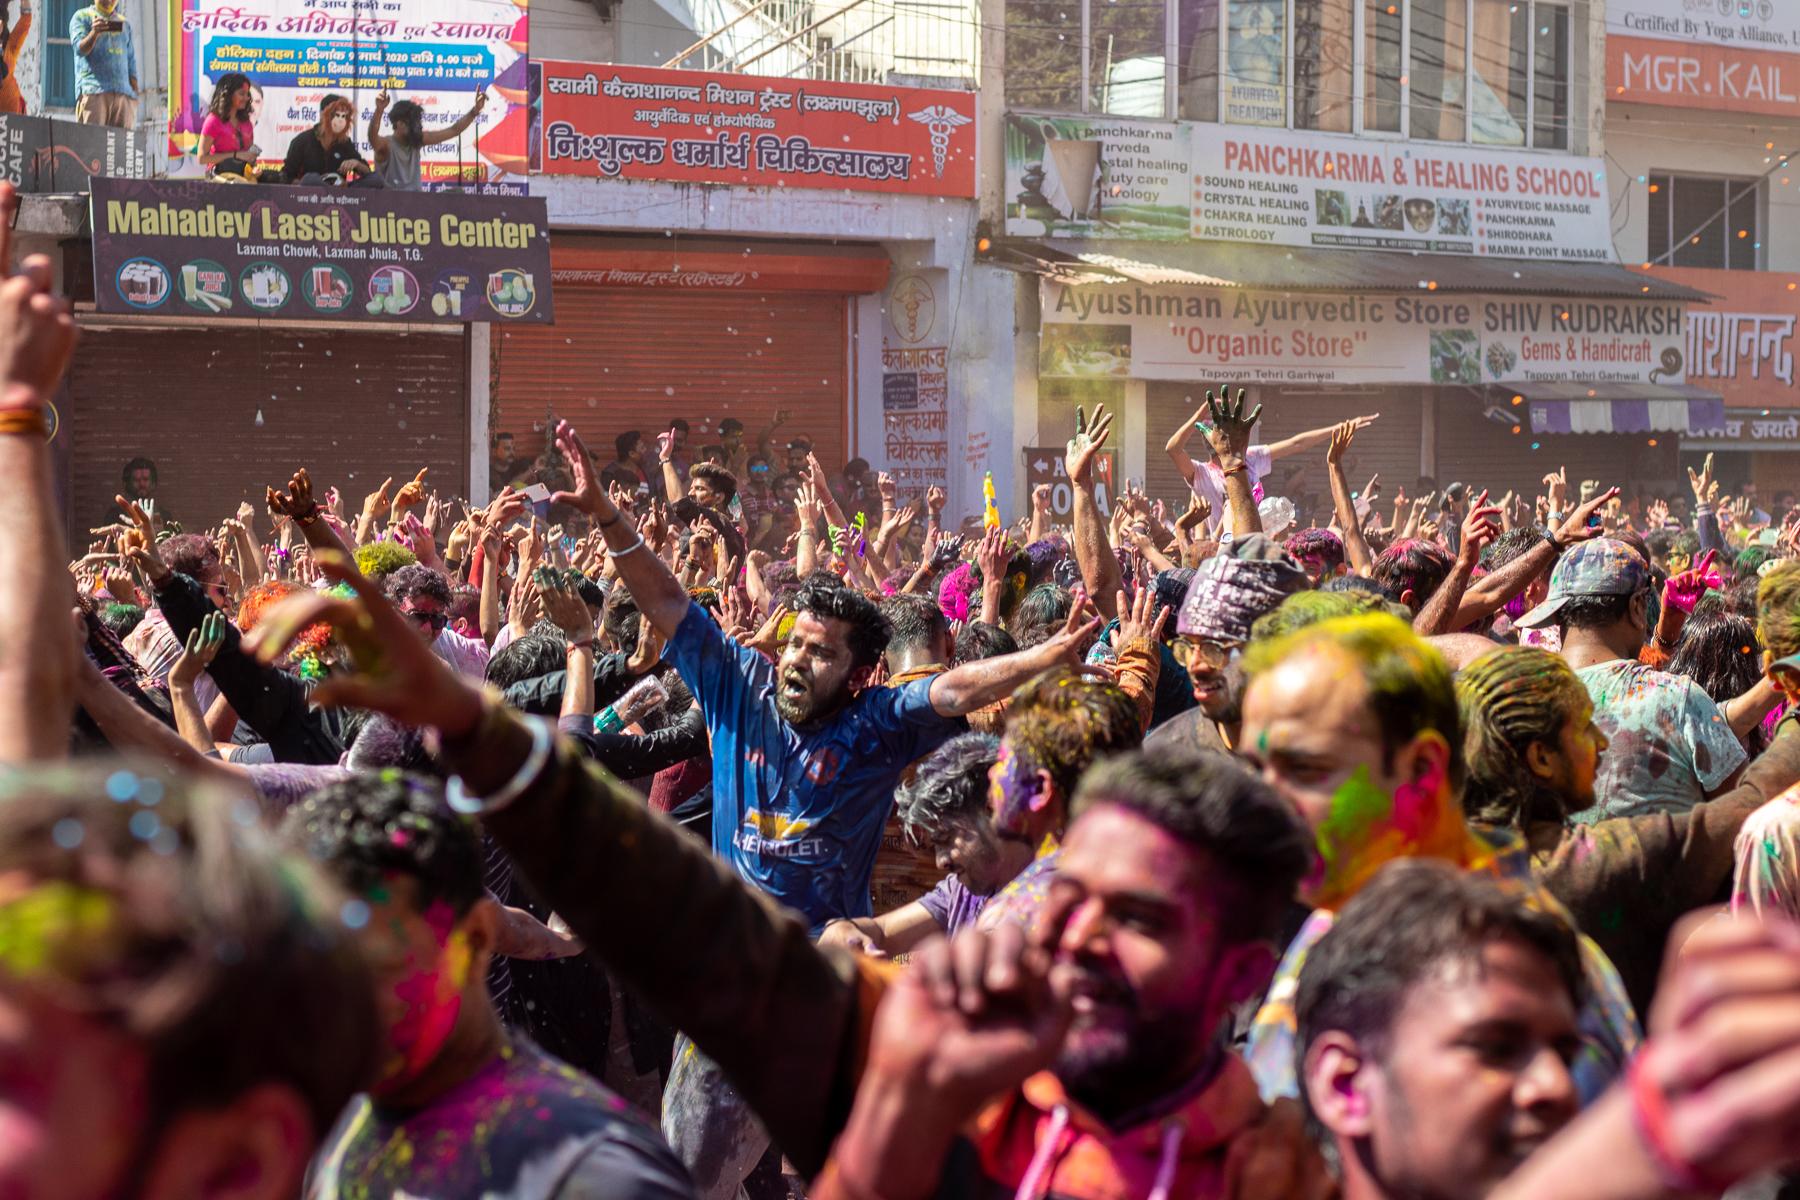 Fröhliche Menschenmassen beim Holi-Festival in Rishikesh.